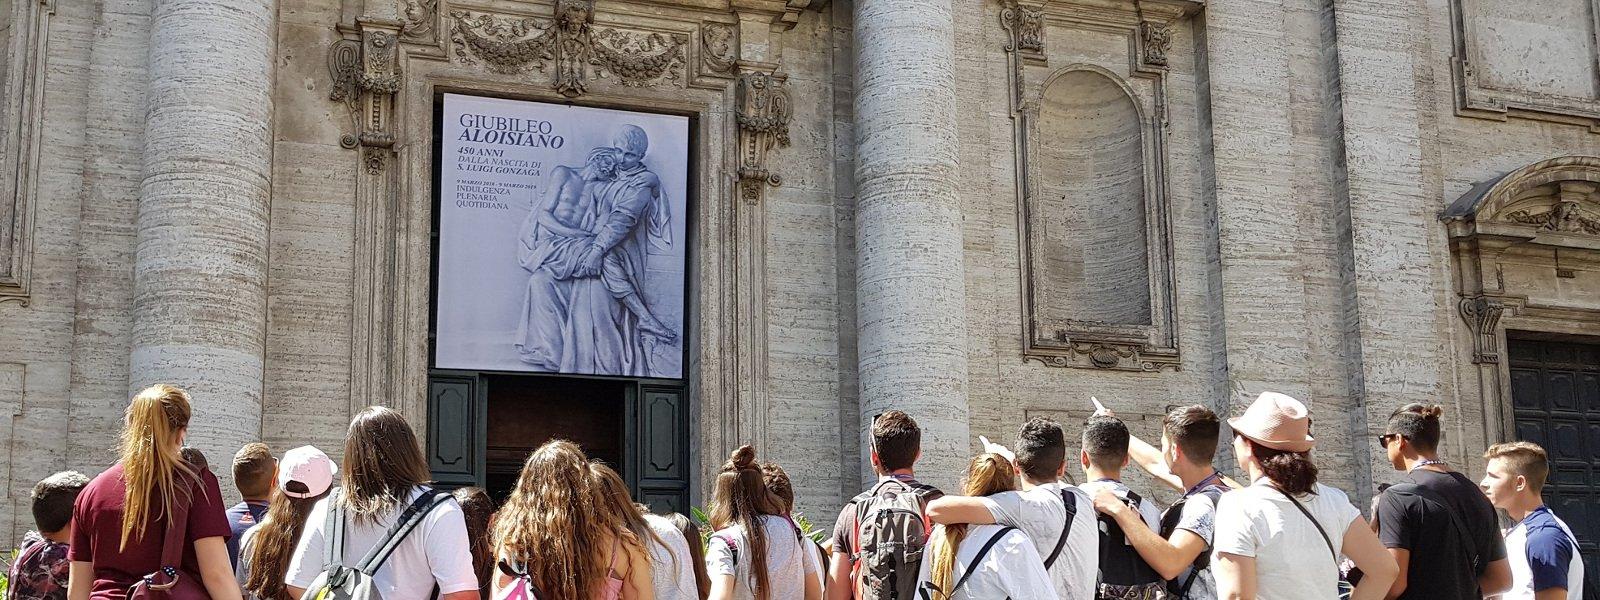 Gruppo di giovani visita la chiesa di sant'Ignazio a Roma in occasione del Giubileo Aloisiano (2018-2019)